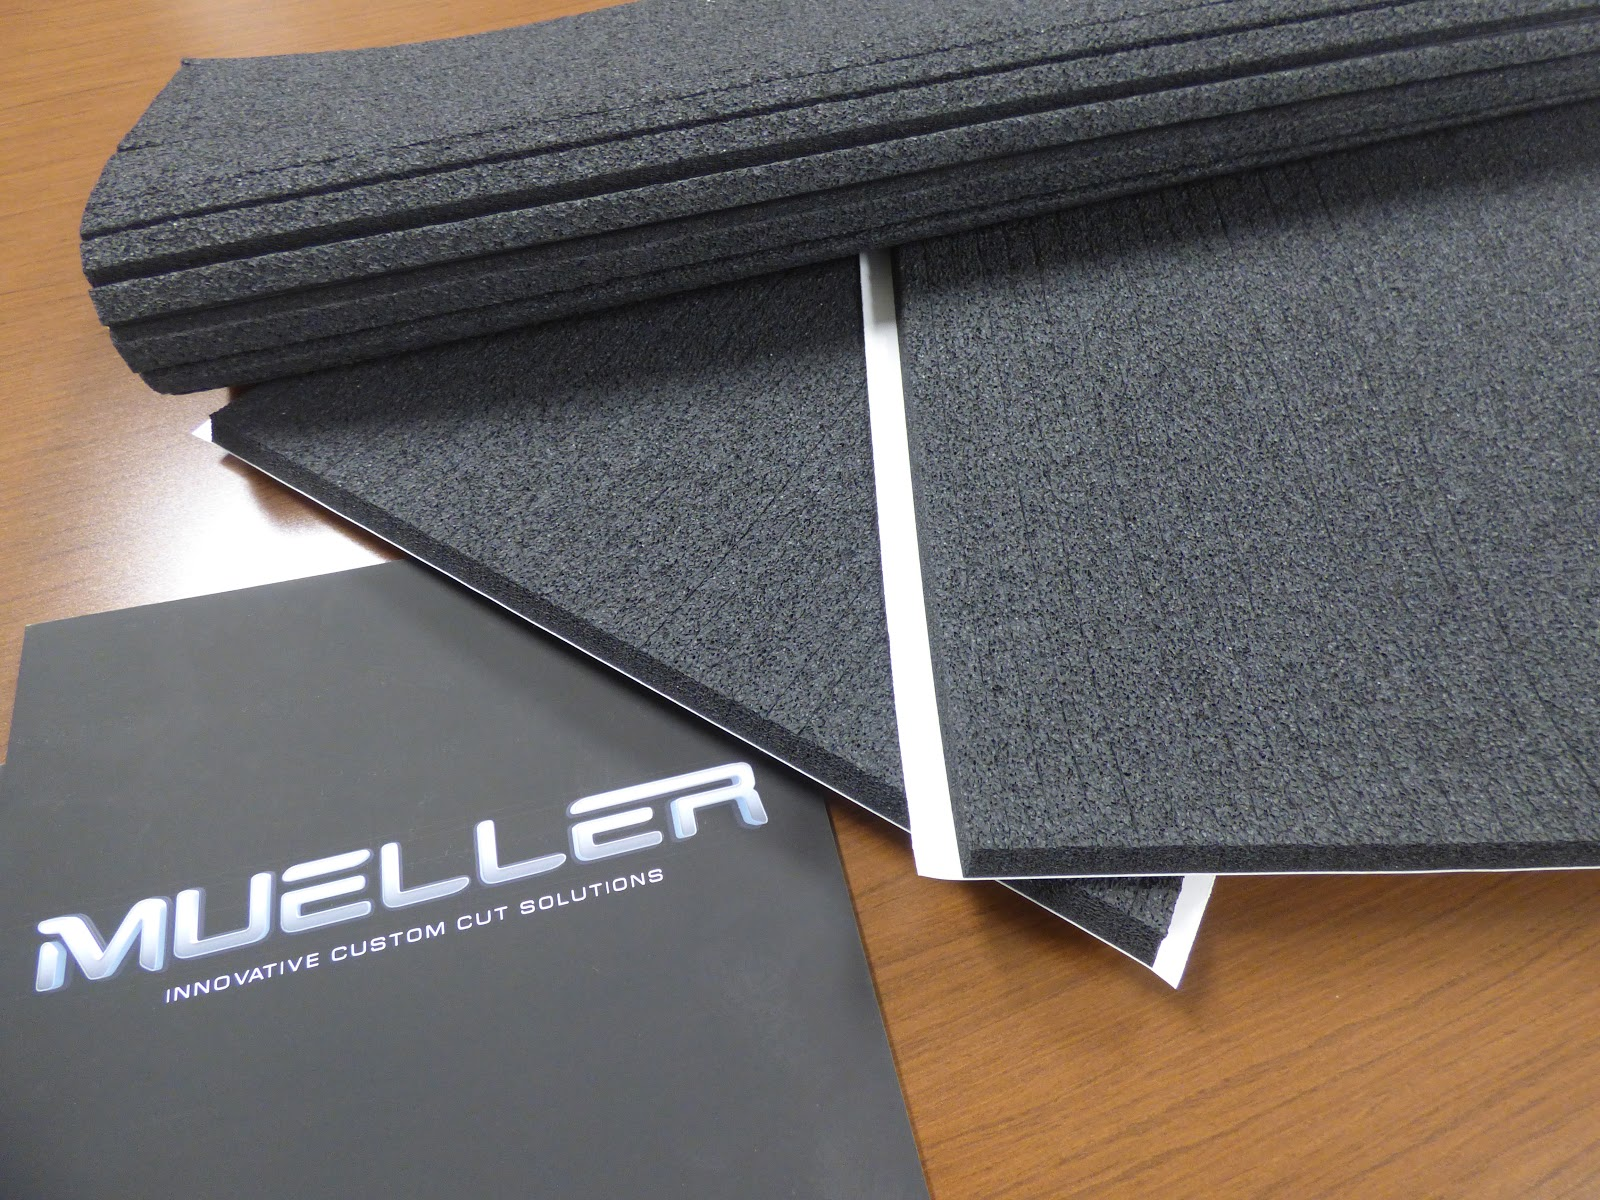 Mueller Custom Cut Solutions